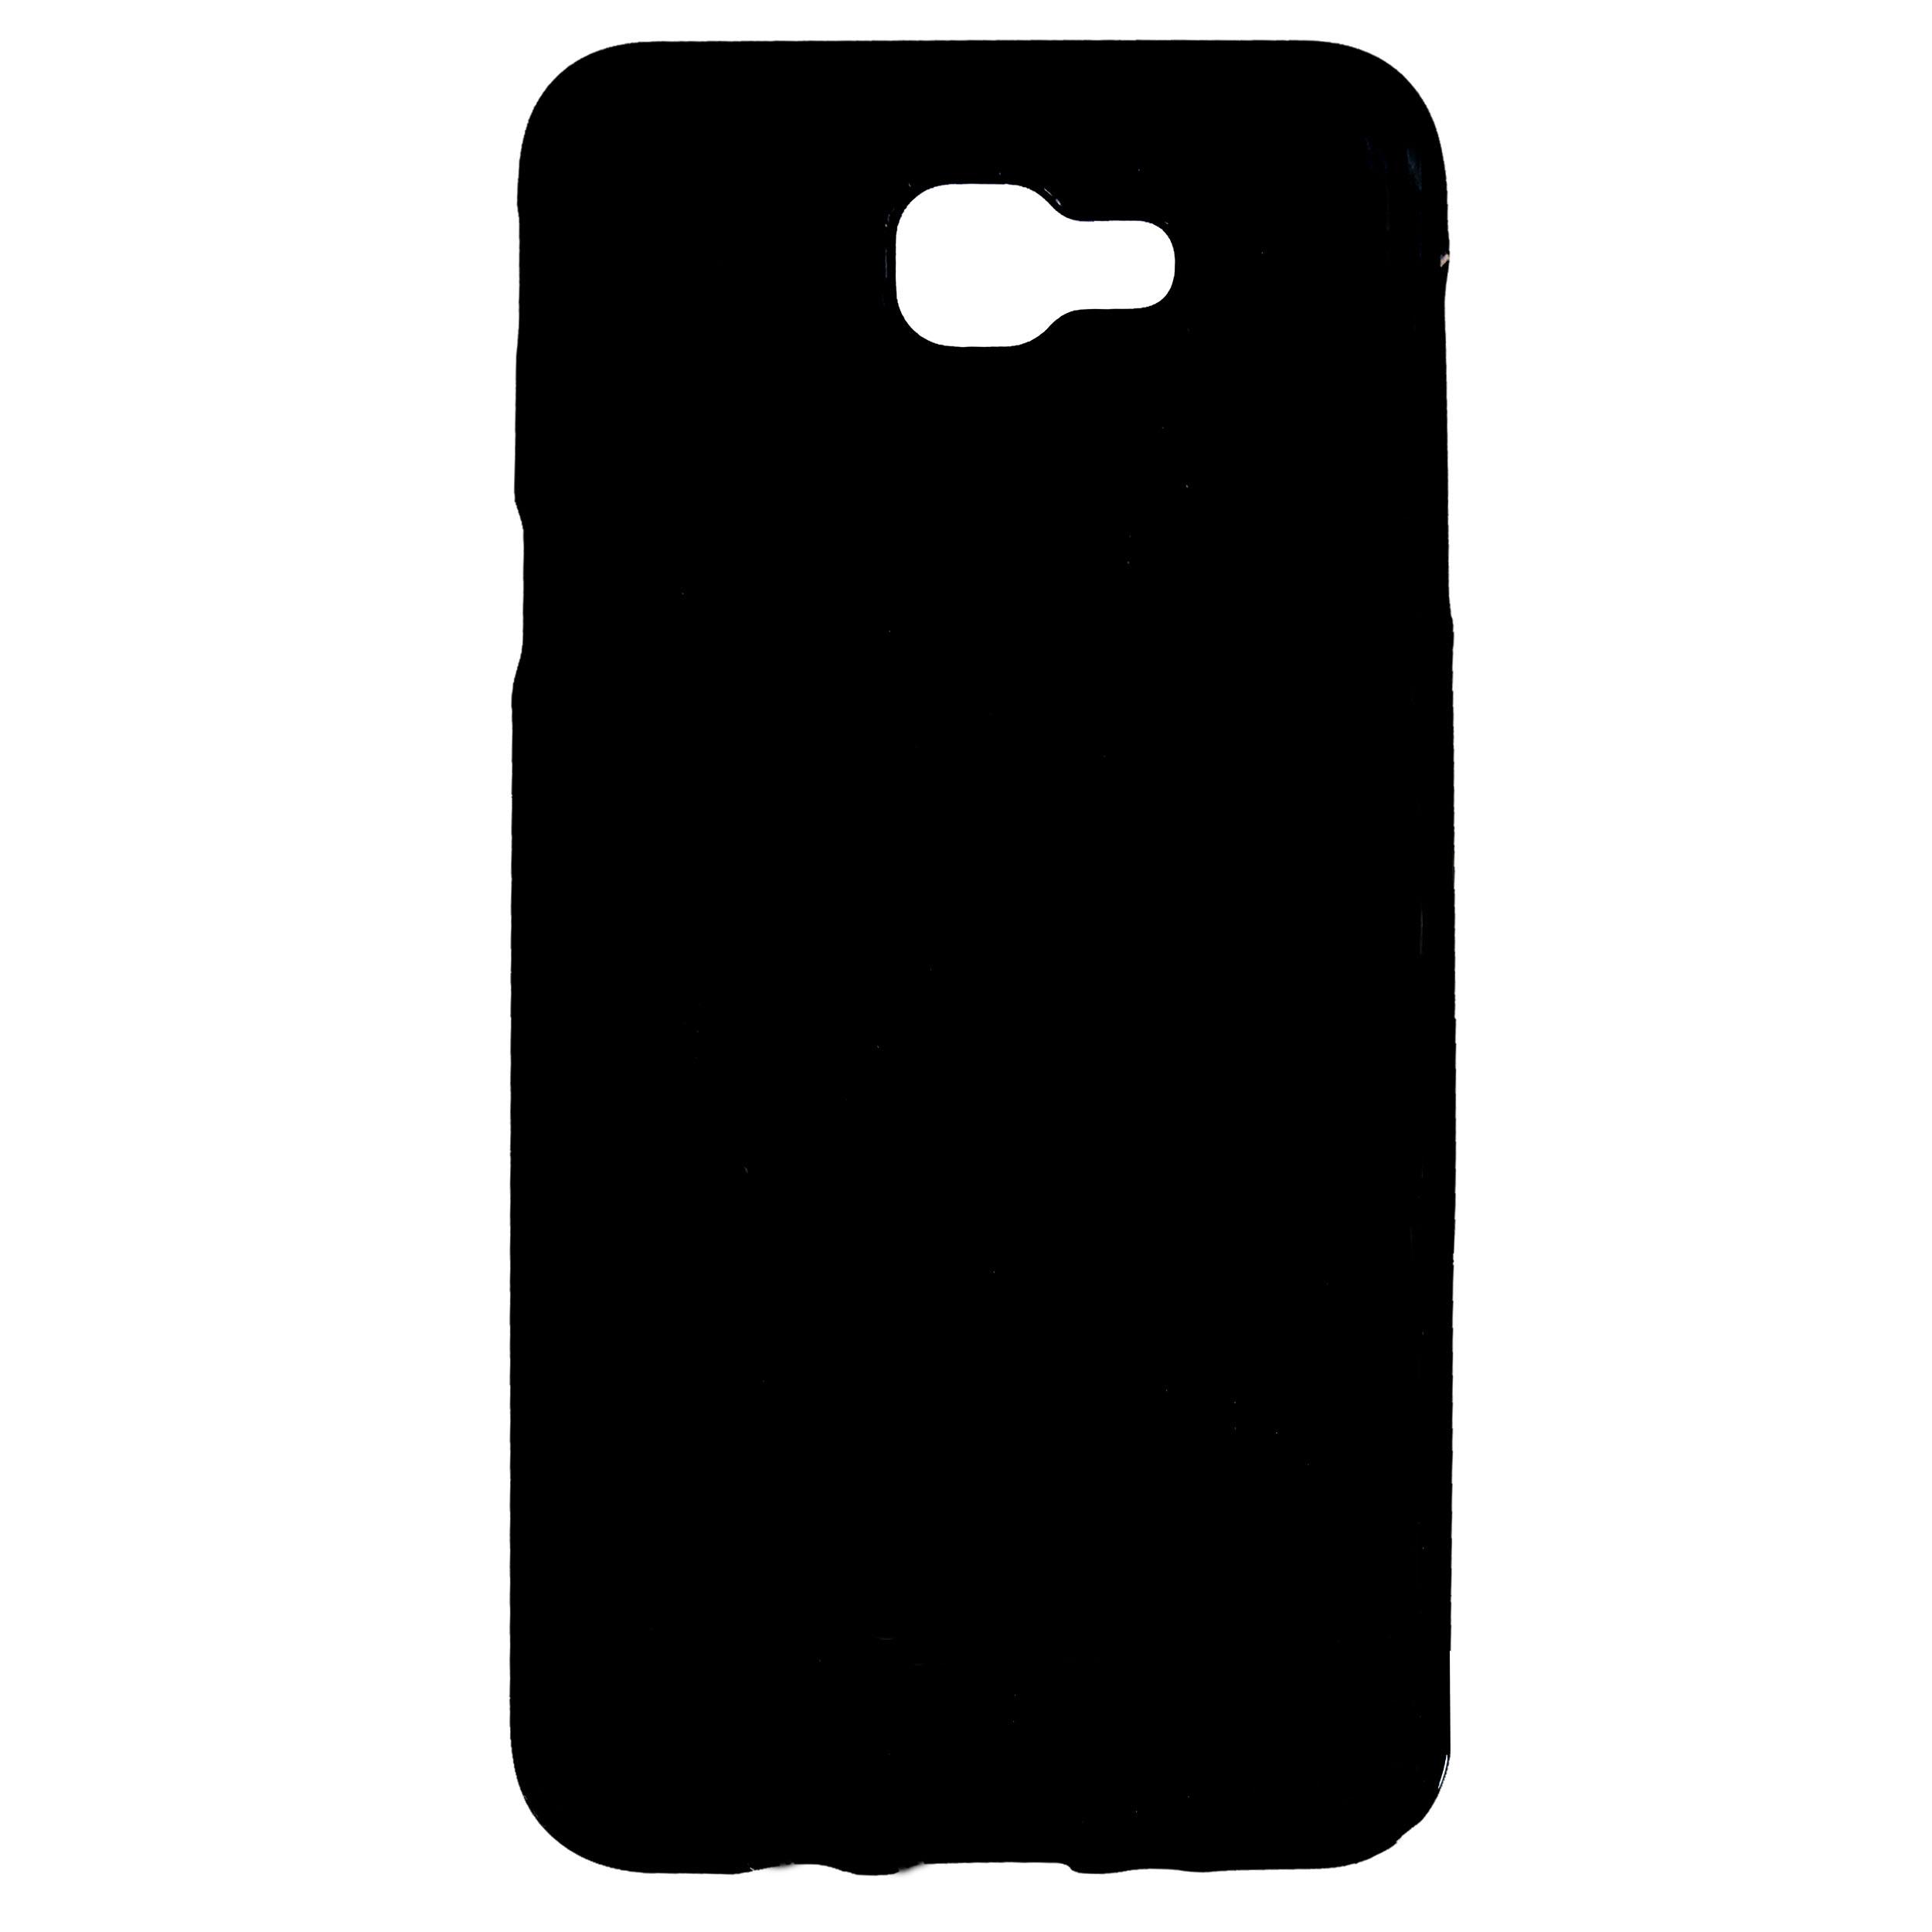 کاور ام تی چهار مدل AS116043007-8-9-10 مناسب برای گوشی موبایل سامسونگ Galaxy J7 Prime